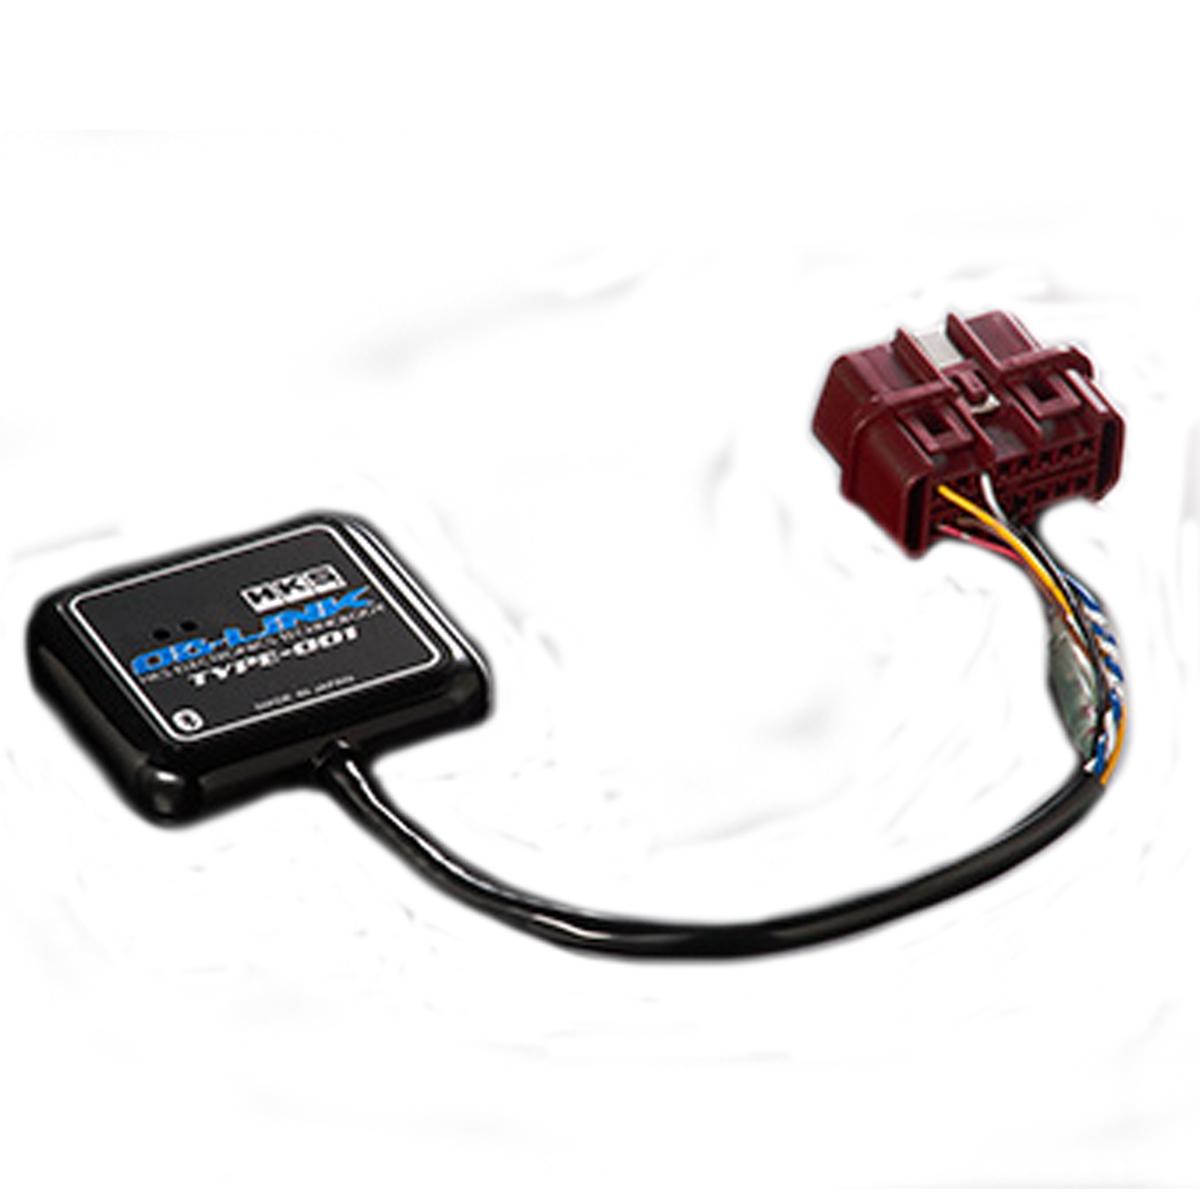 モビリオ スパイク モニター OBリンク タイプ 001 GK1 GK2 HKS 44009-AK002 エレクトリニクス 個人宅発送追金有